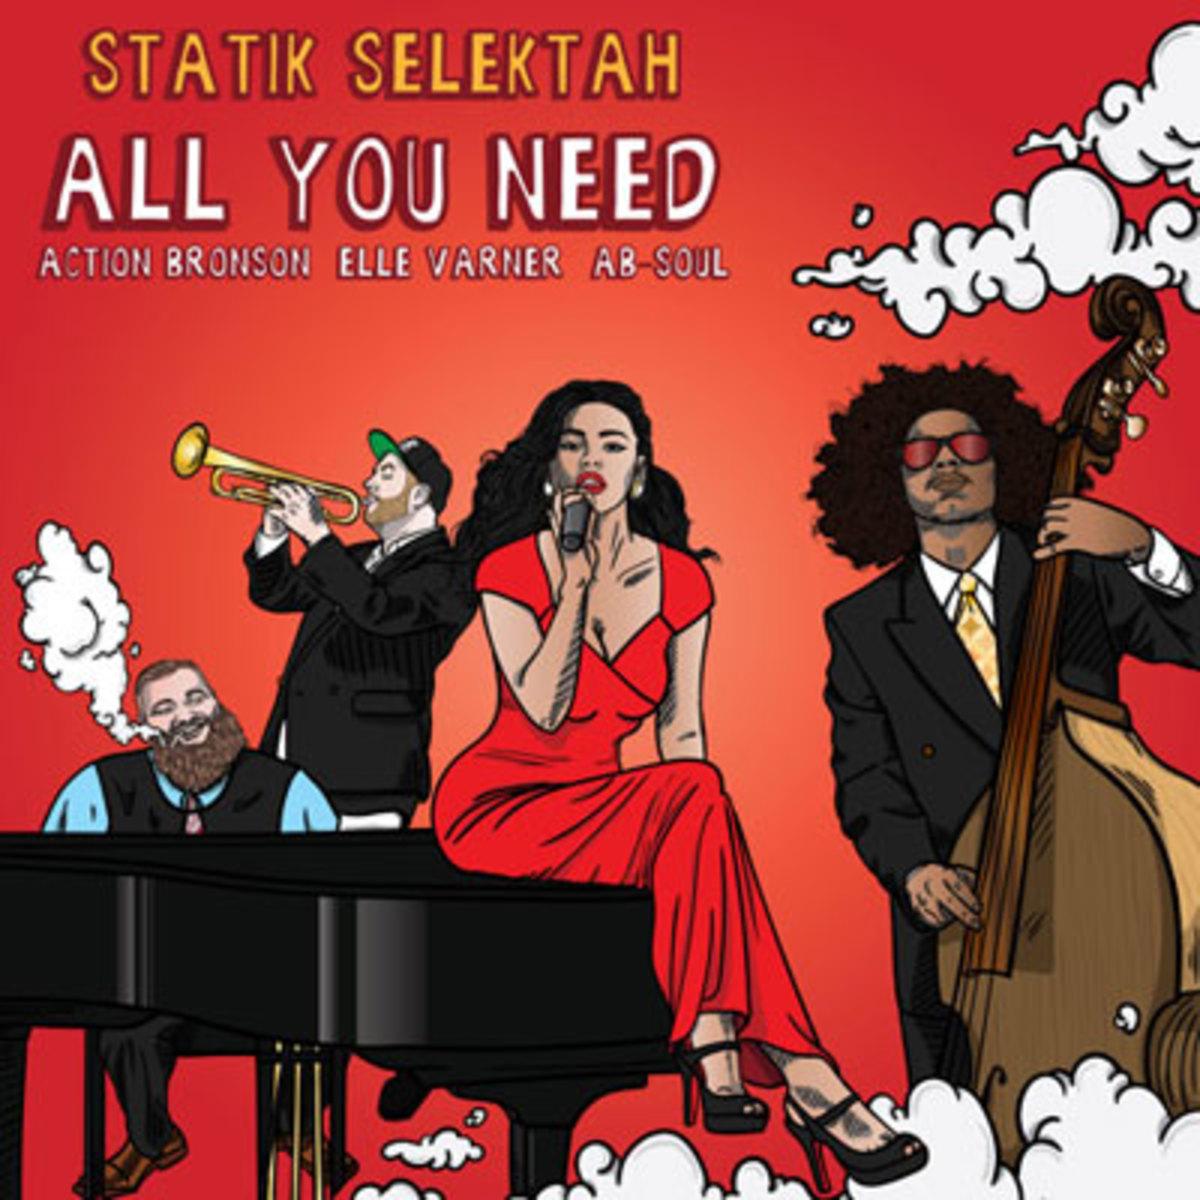 statik-selektah-all-you-need.jpg